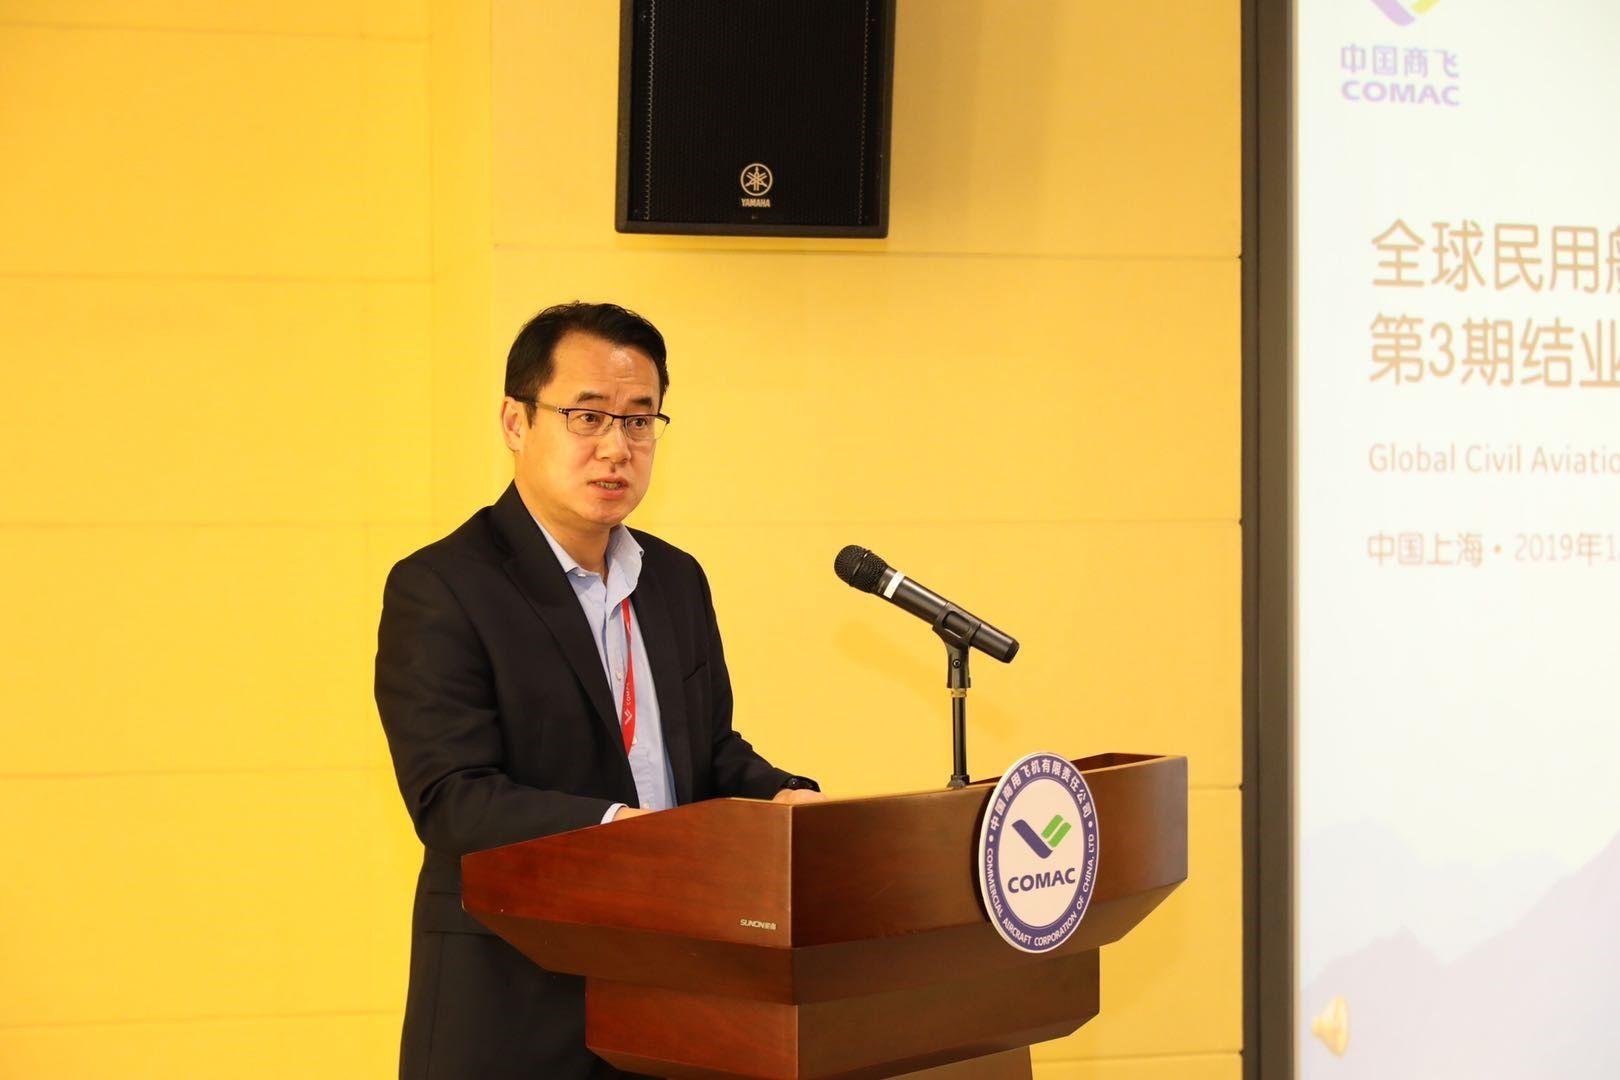 GE全球副总裁、GE航空集团大中华区总裁向伟明向学员表示祝贺